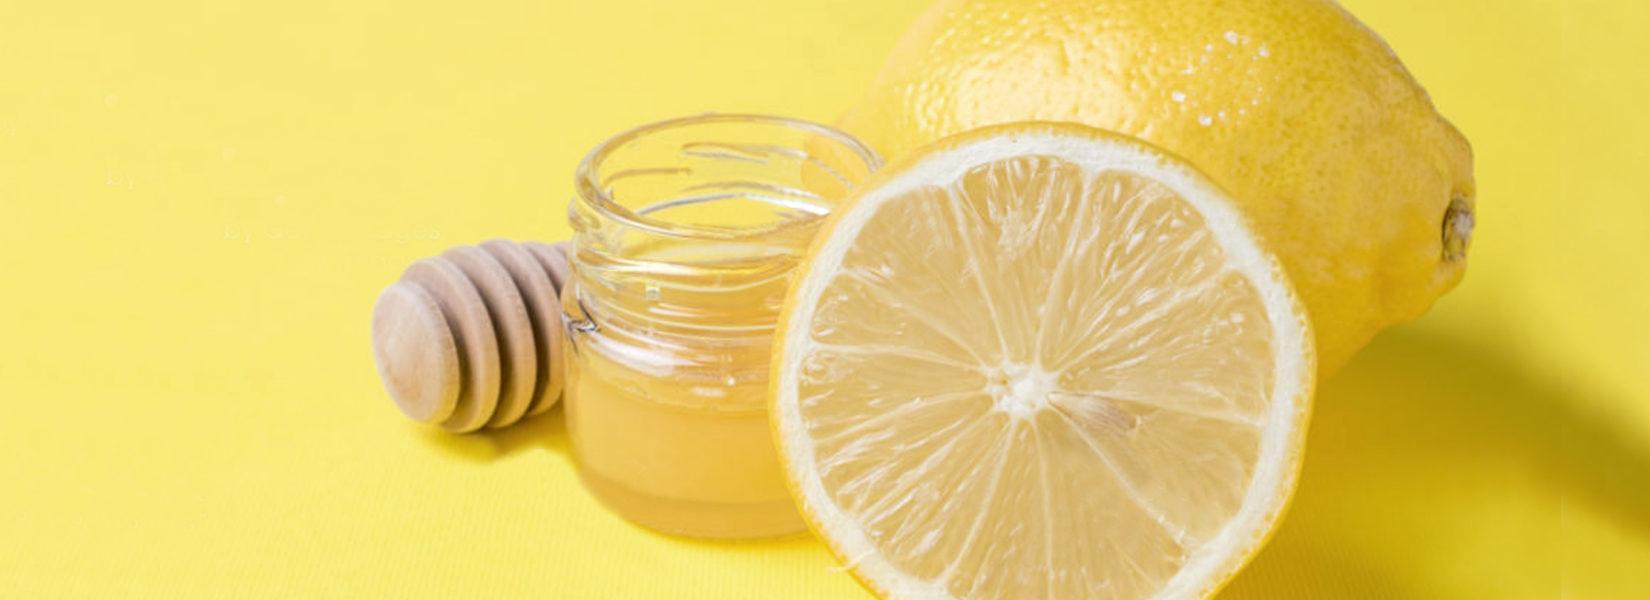 Recette miracle naturelle contre le rhume